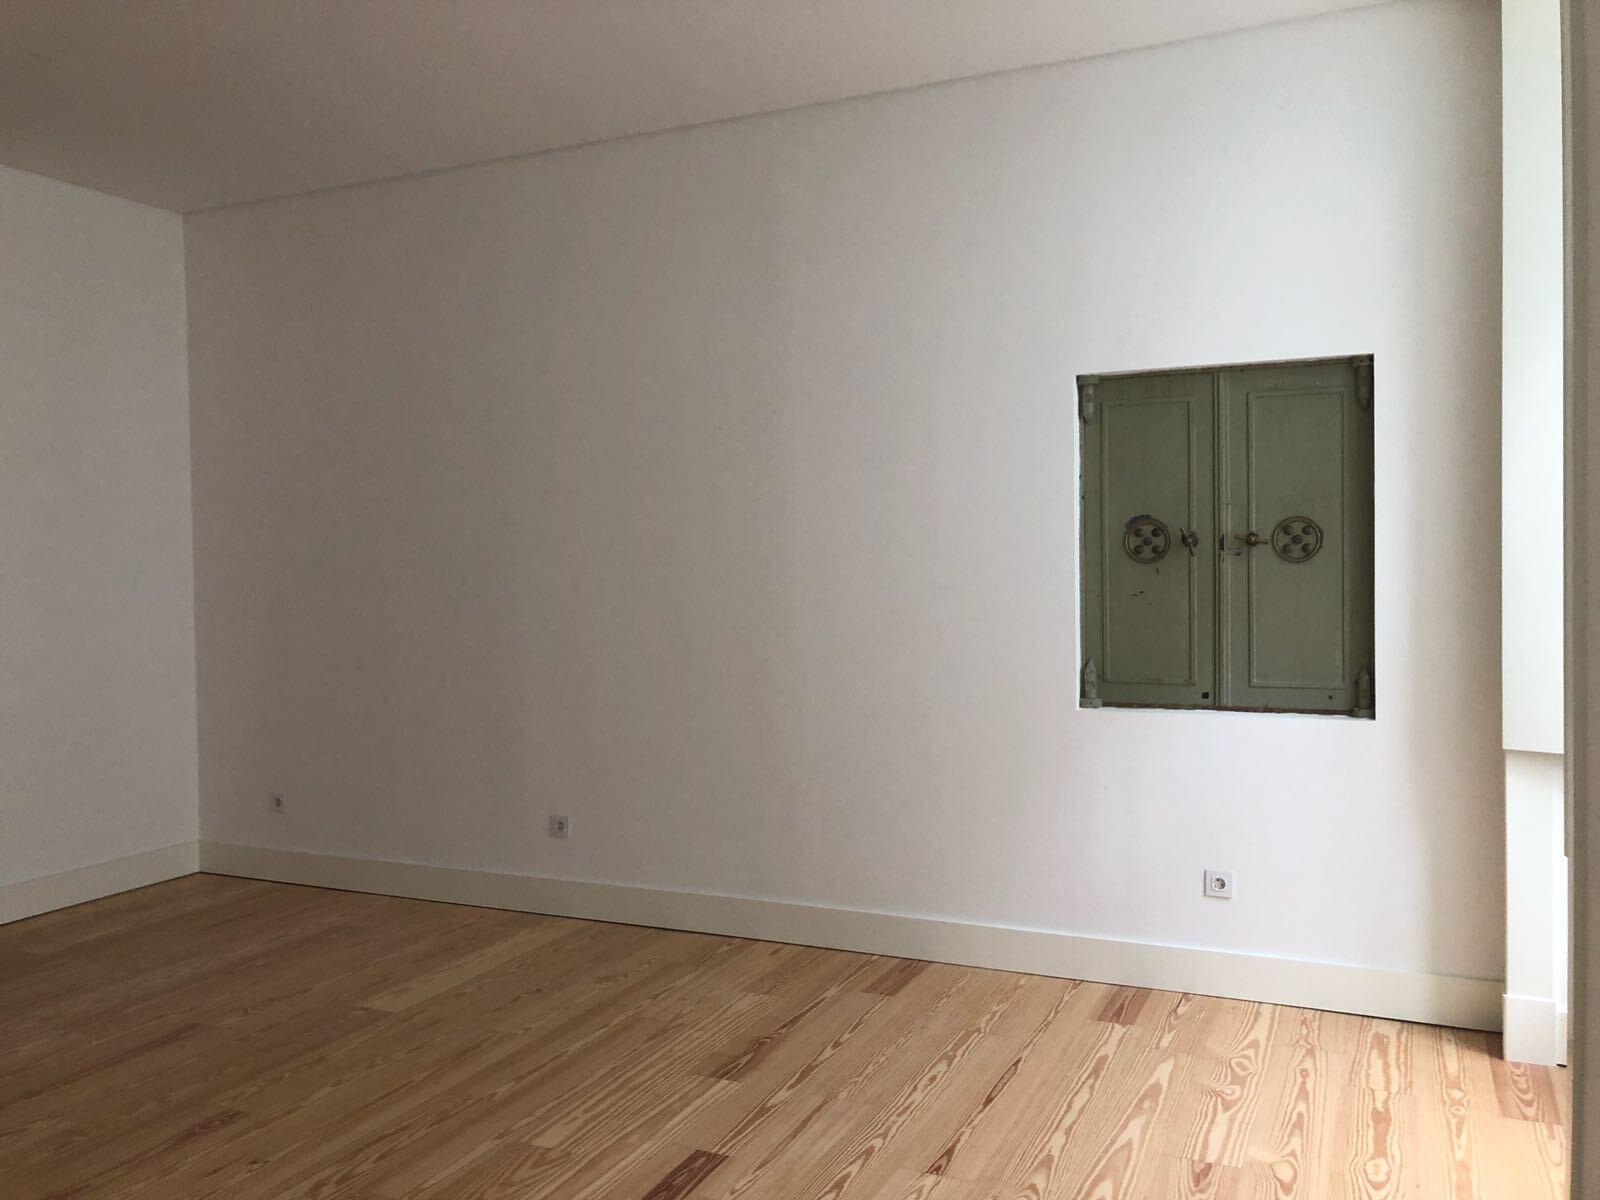 pf17142-apartamento-t2-lisboa-a4a62f02-9633-4d84-b539-422f08634788